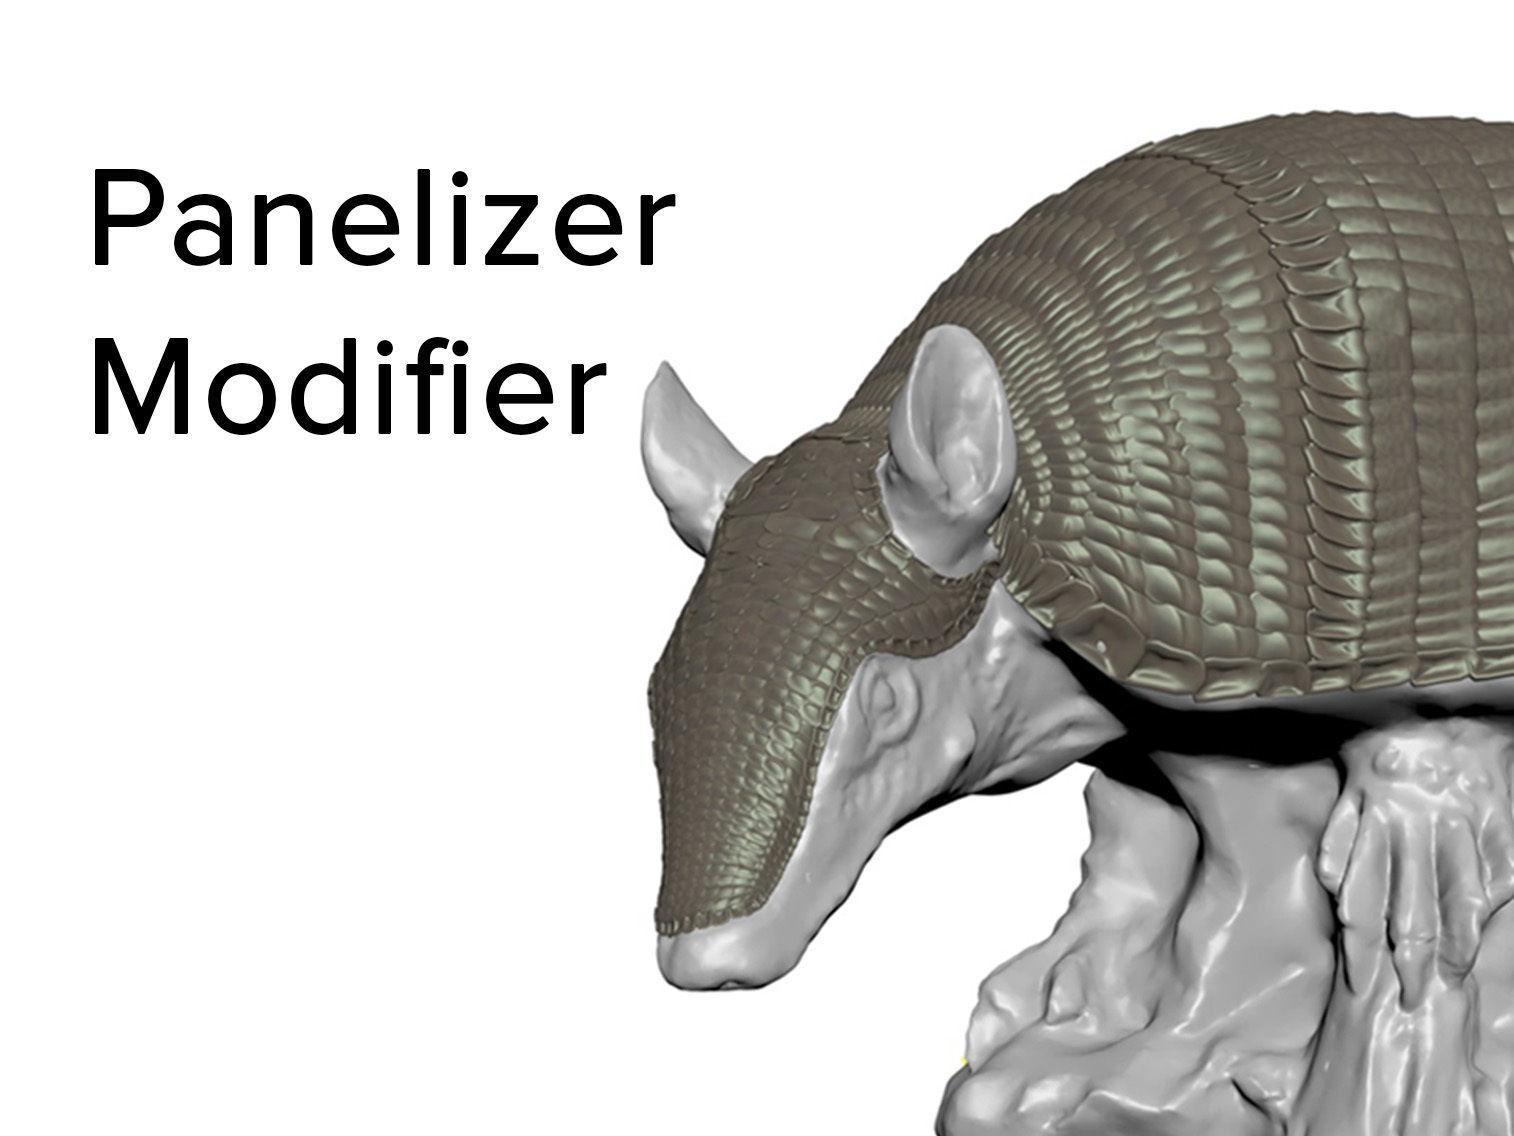 Panelizer Modifier 3dsMax